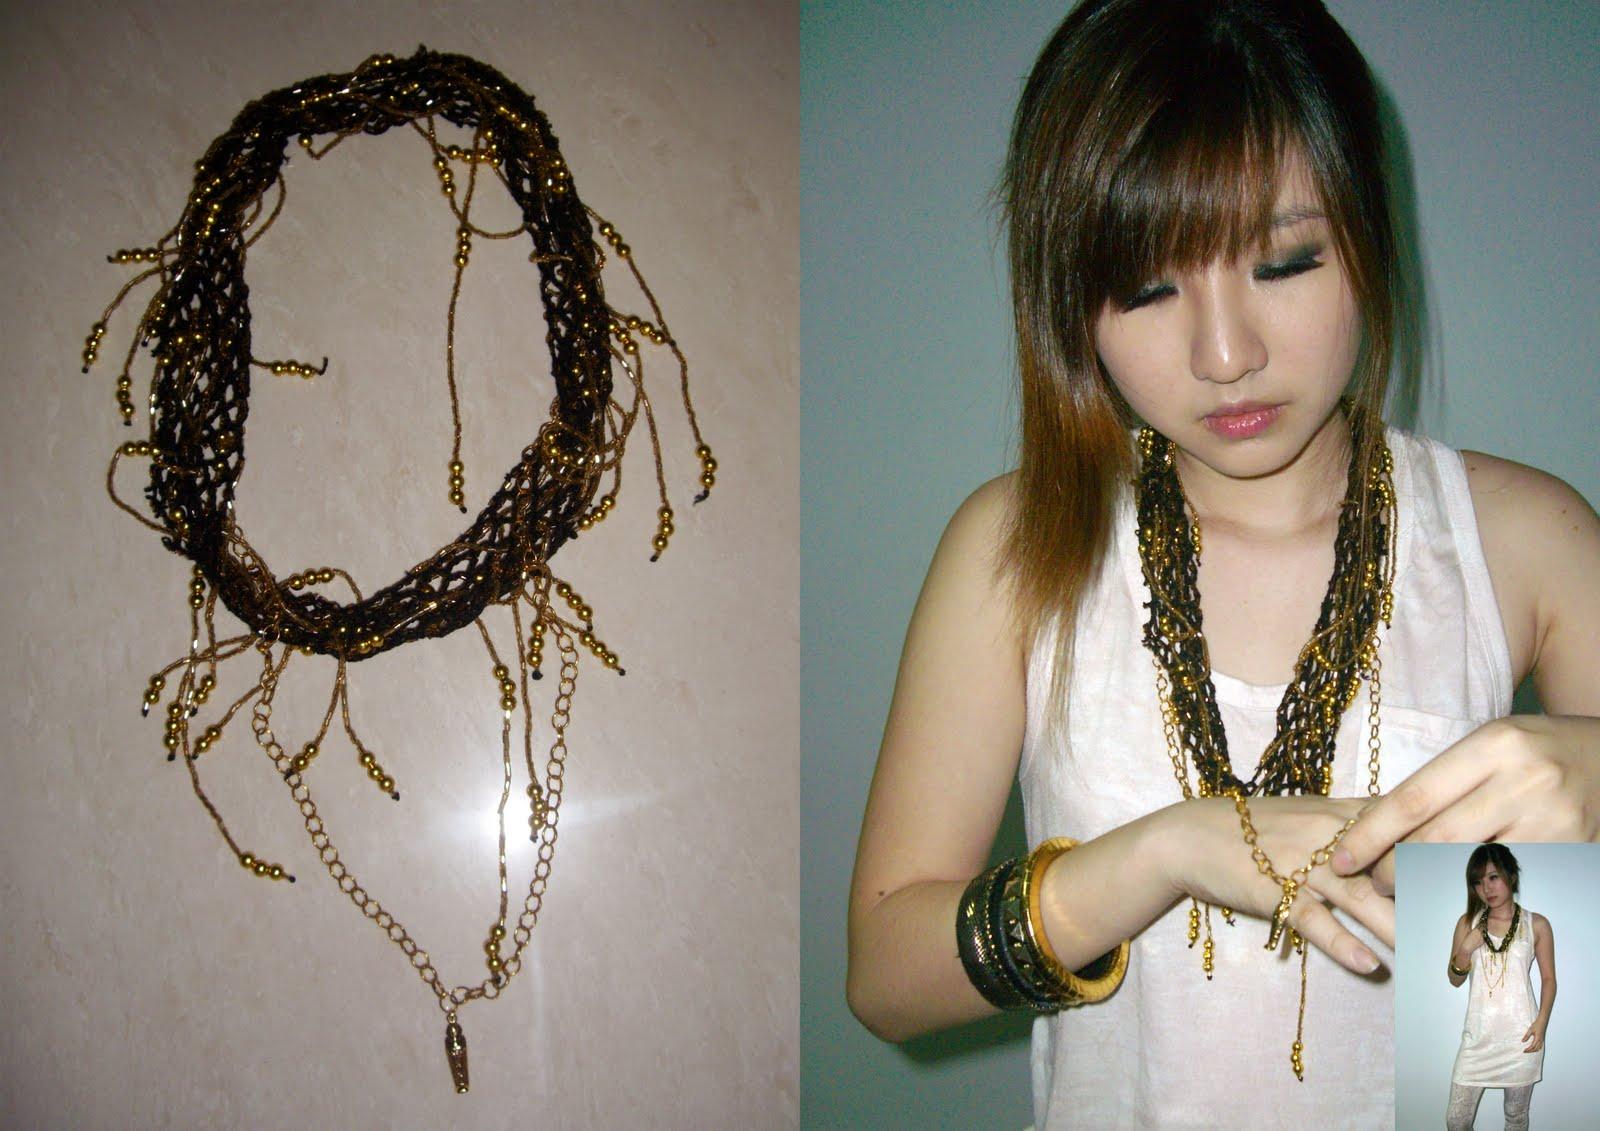 http://3.bp.blogspot.com/_3jl2eHucJ_8/TATHDl_OUsI/AAAAAAAAAZk/ZC8AKpKbhiM/s1600/accessories5.jpg